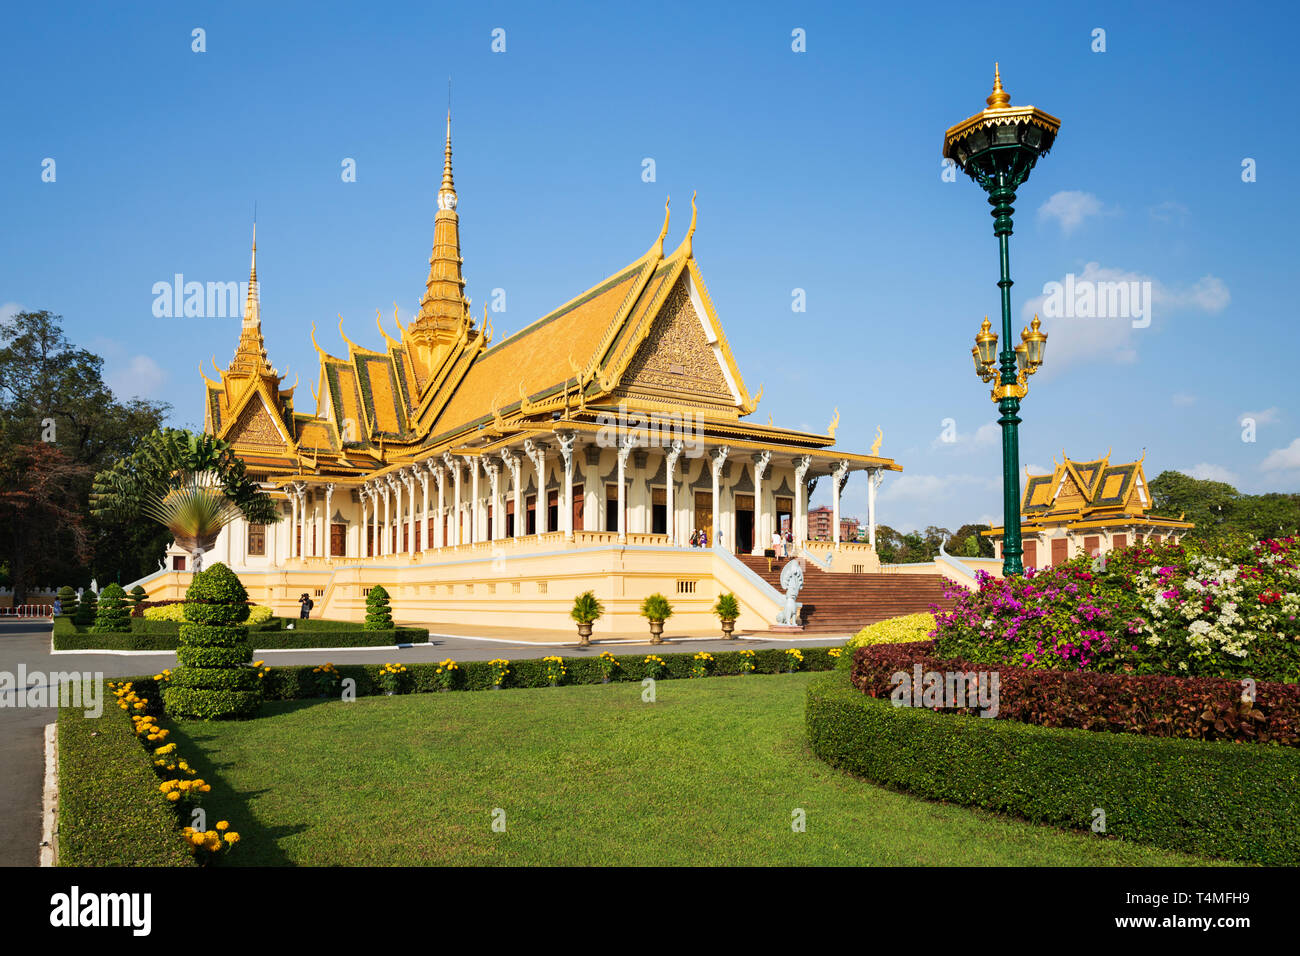 El Palacio Real y el Salón del Trono, en Phnom Penh, Camboya, Sudeste Asiático, Asia Foto de stock